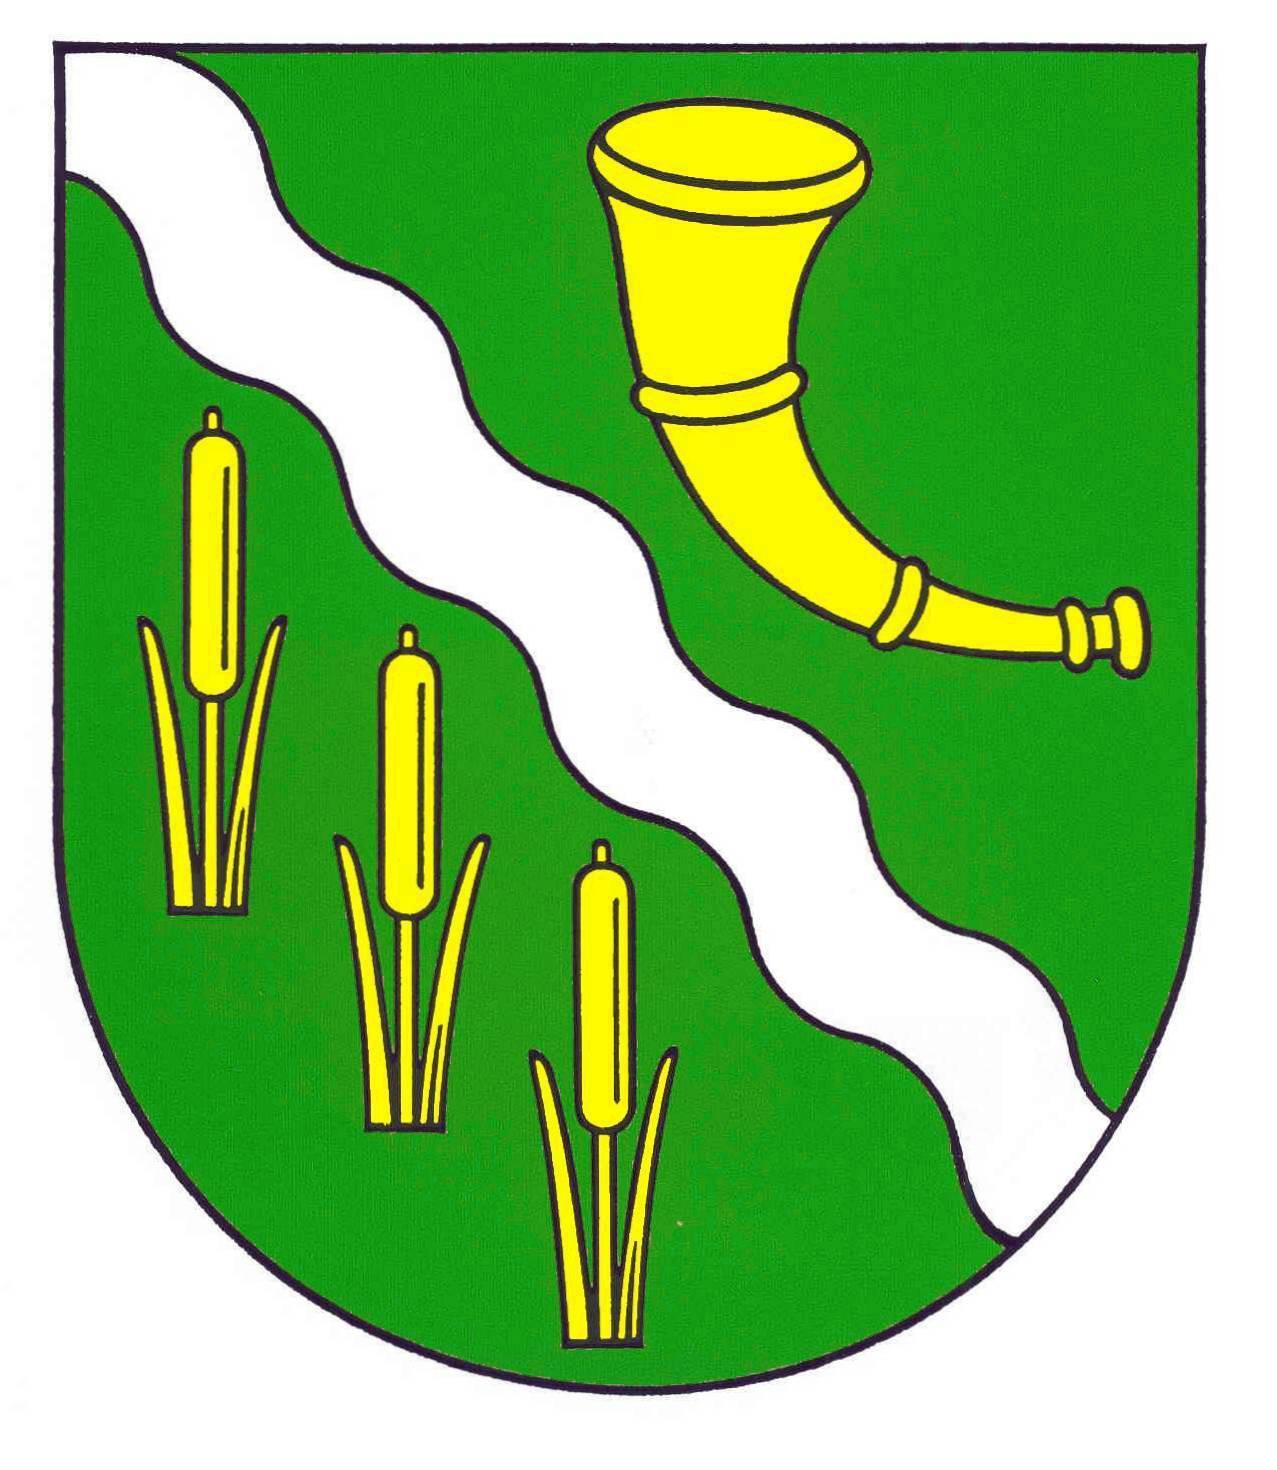 Wappen GemeindeOsterhorn, Kreis Pinneberg